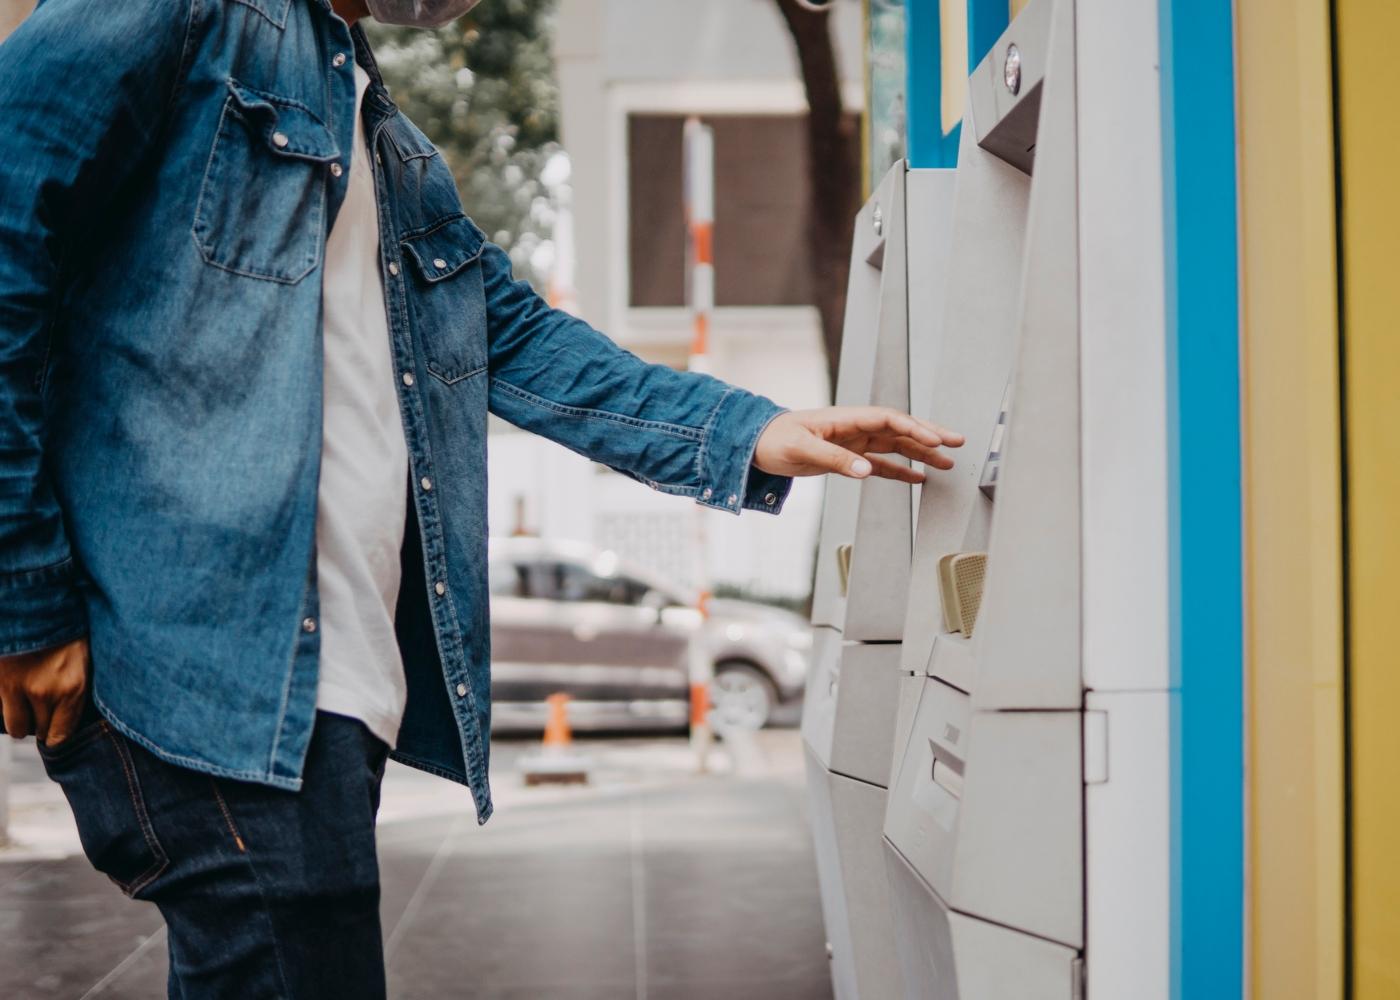 Levantar dinheiro ATM